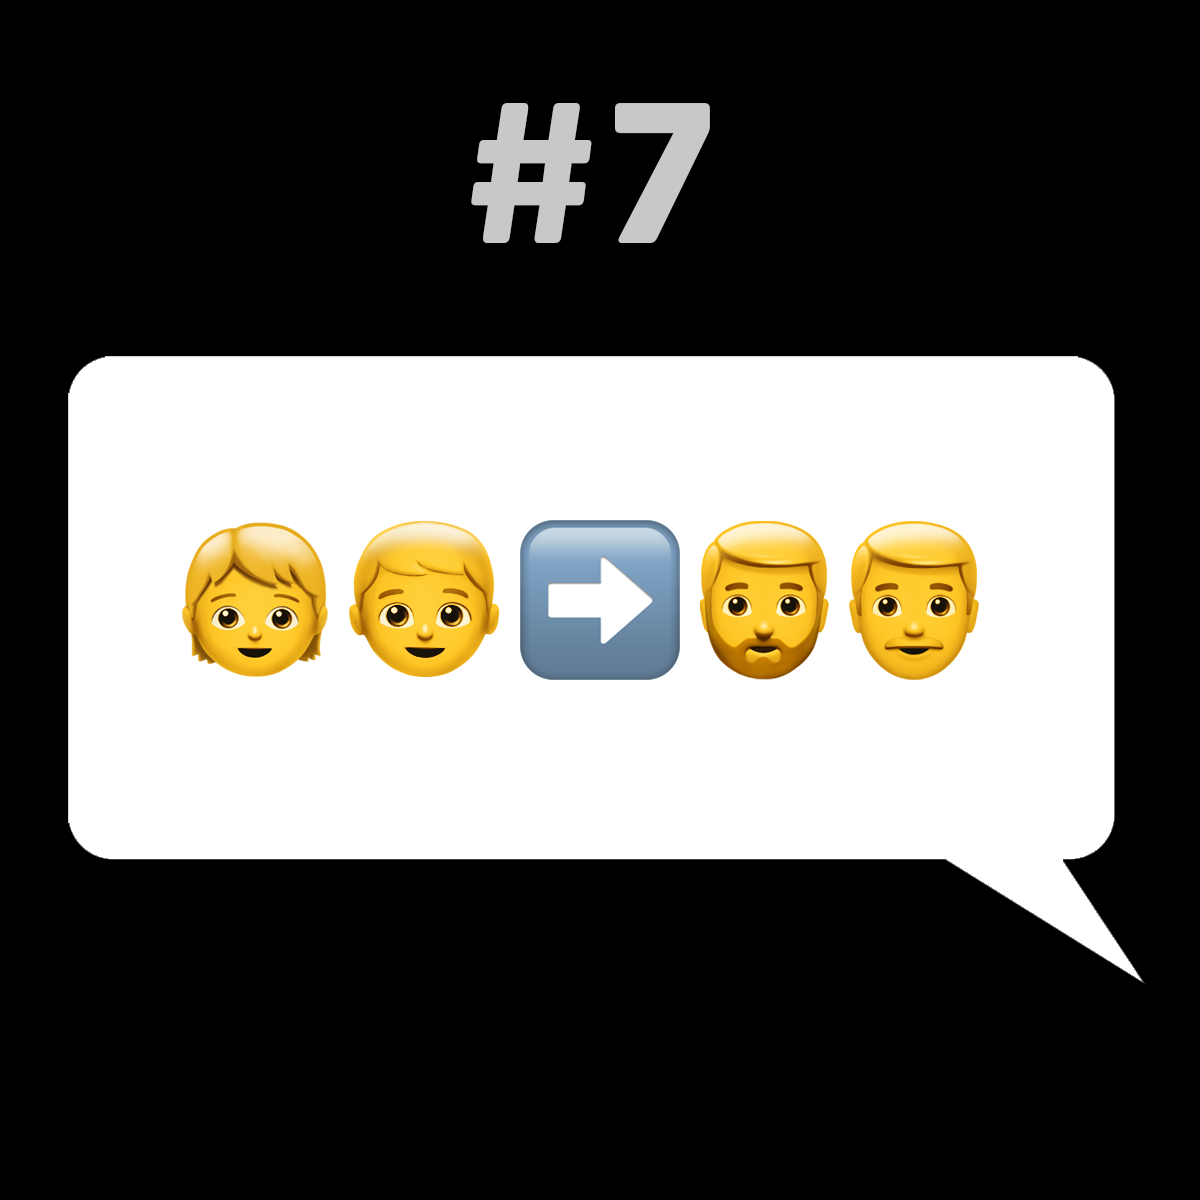 Musik-Acts in Emojis emojibands_07